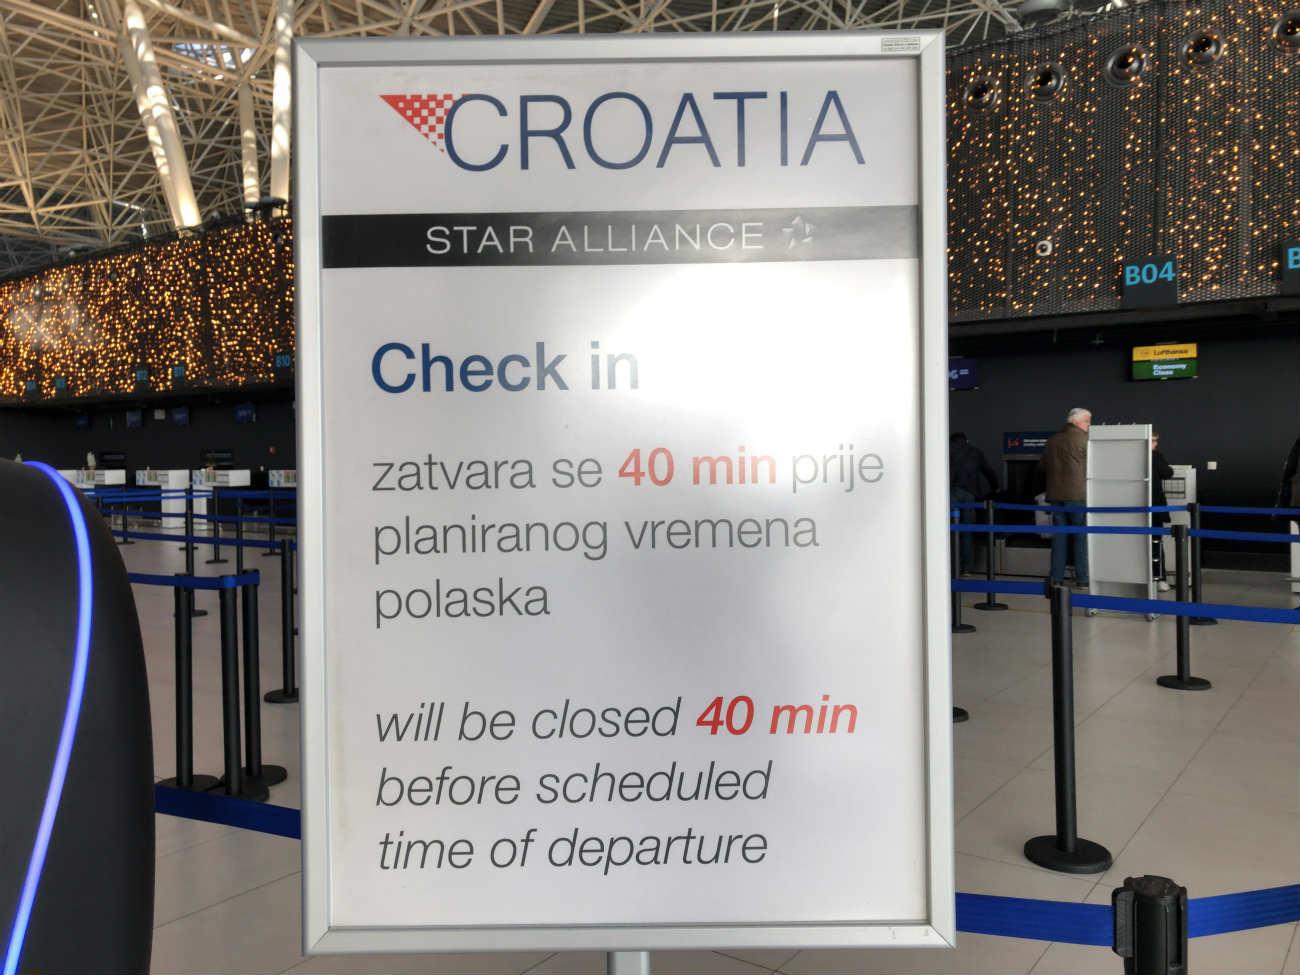 クロアチア航空のチェックイン案内